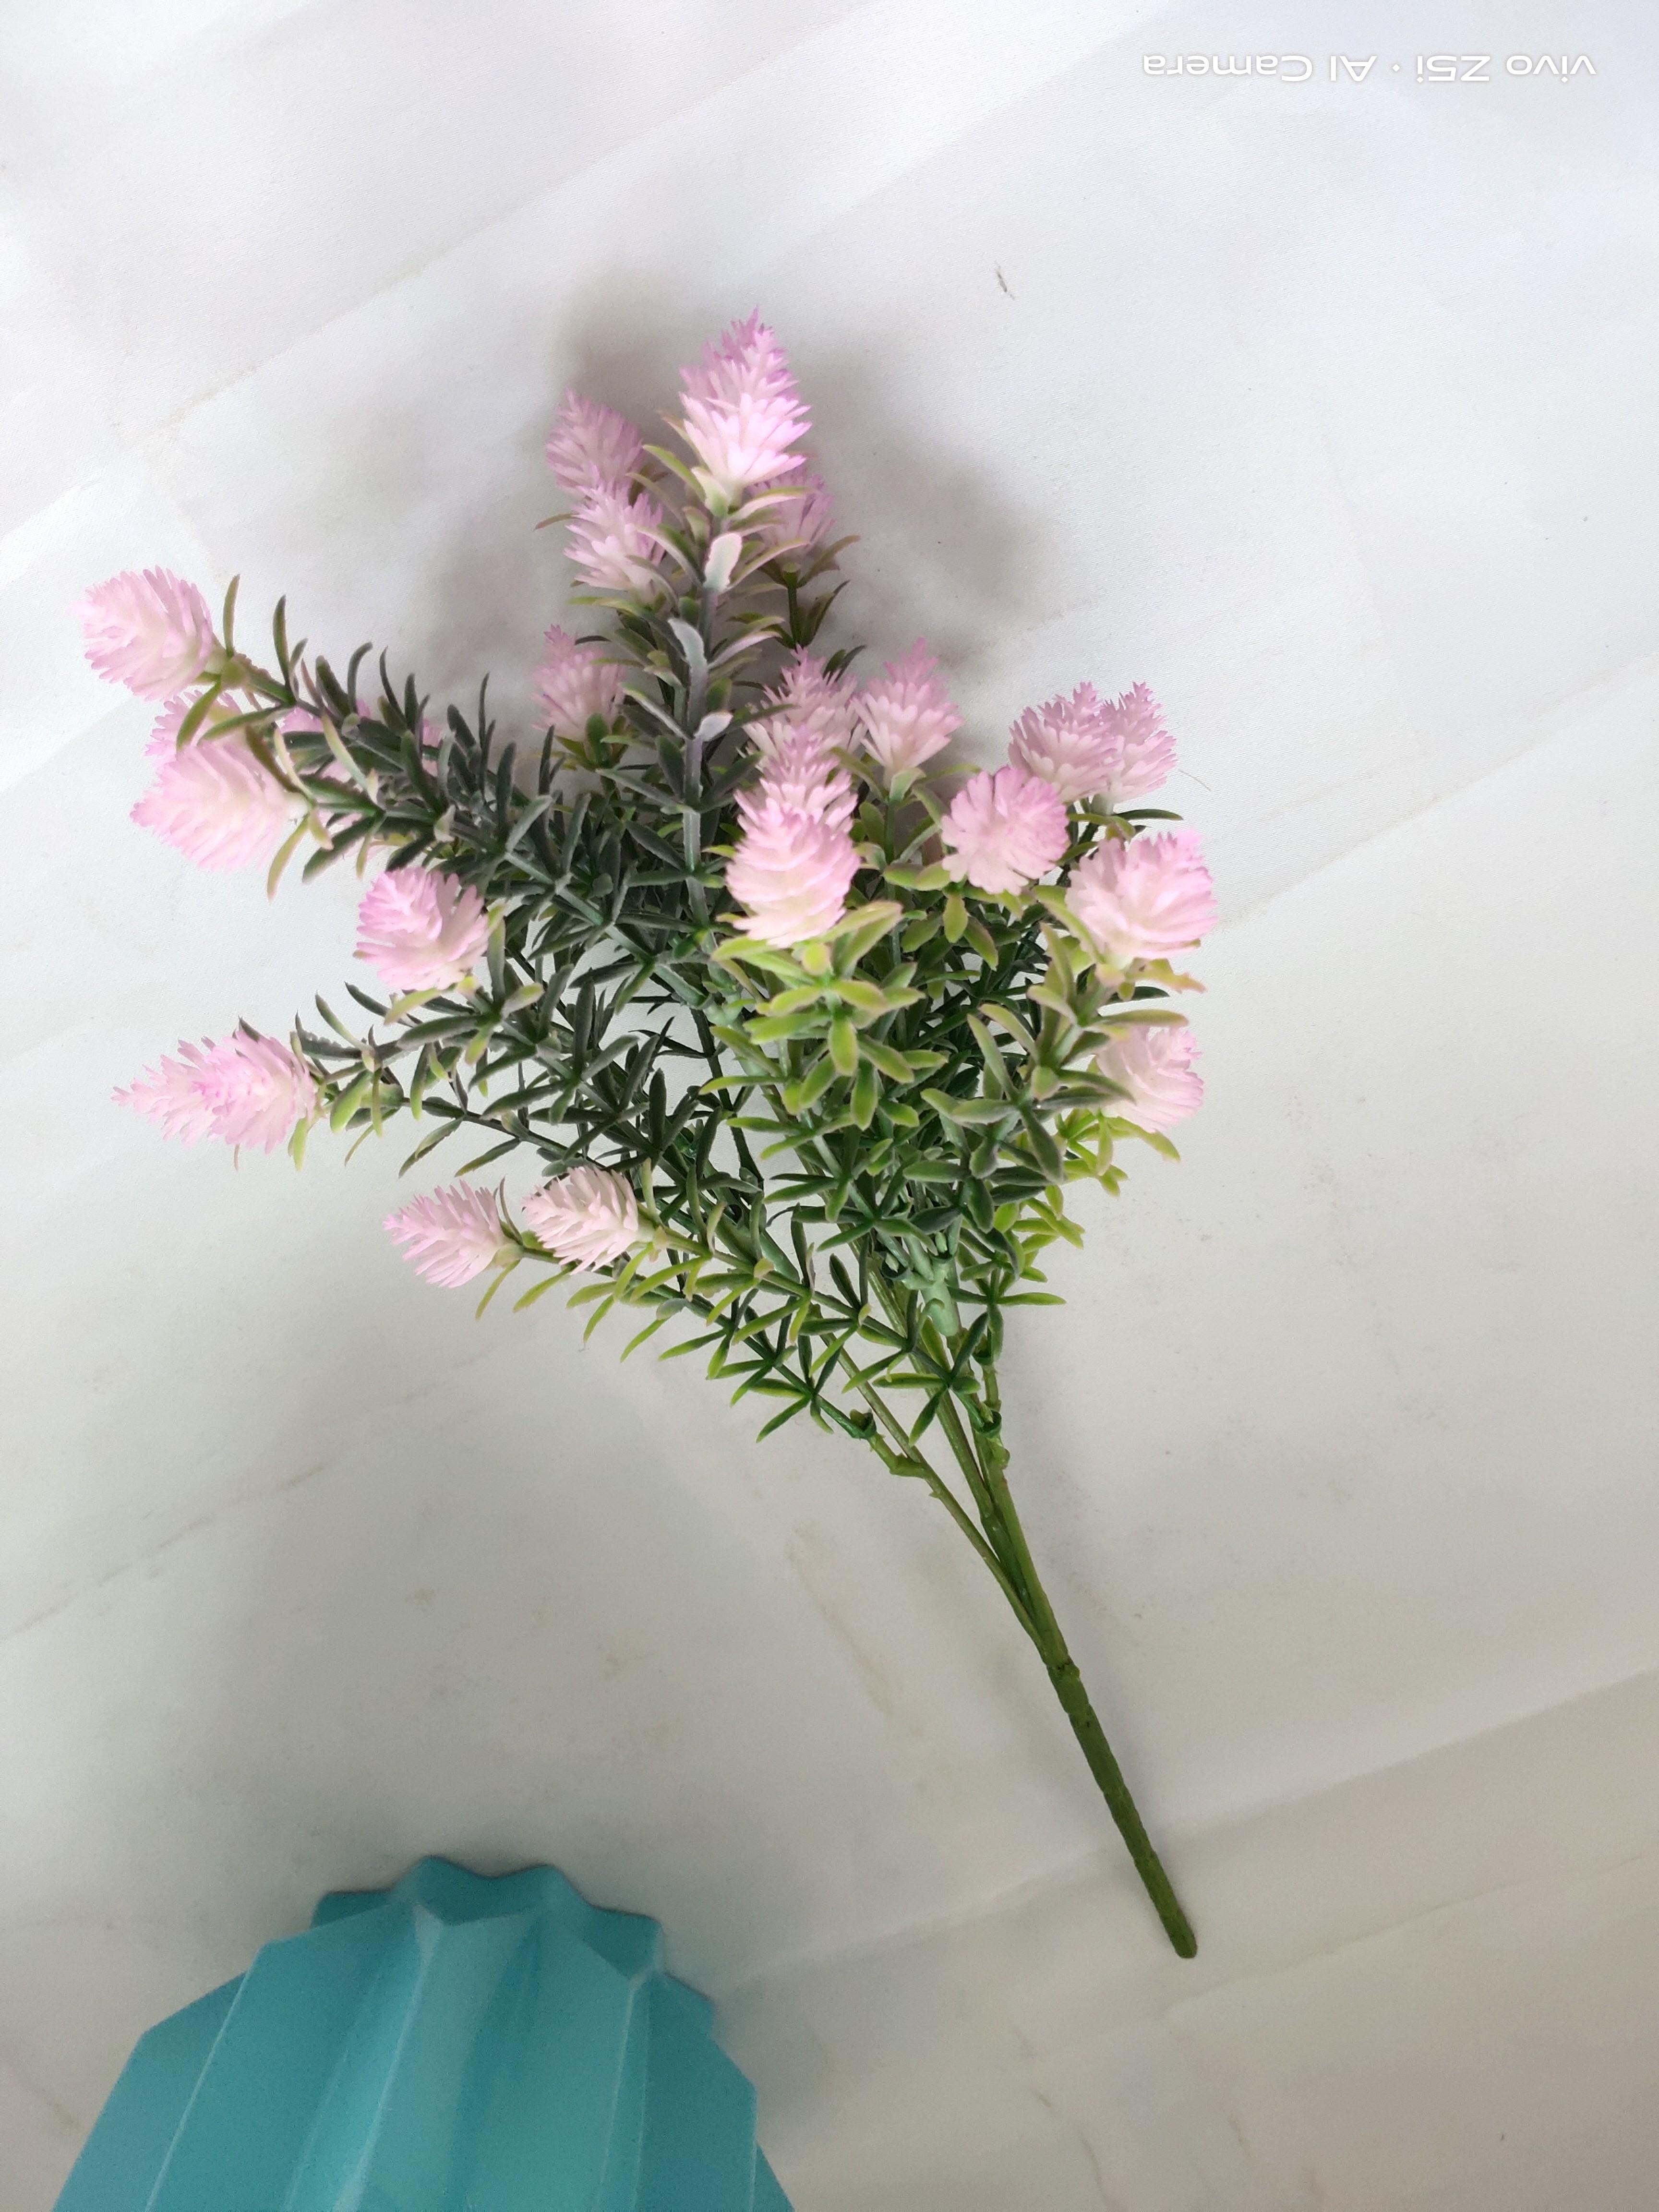 5 Глава Сноу Лотос Херб Искусственный цветок для дома и партии украшения